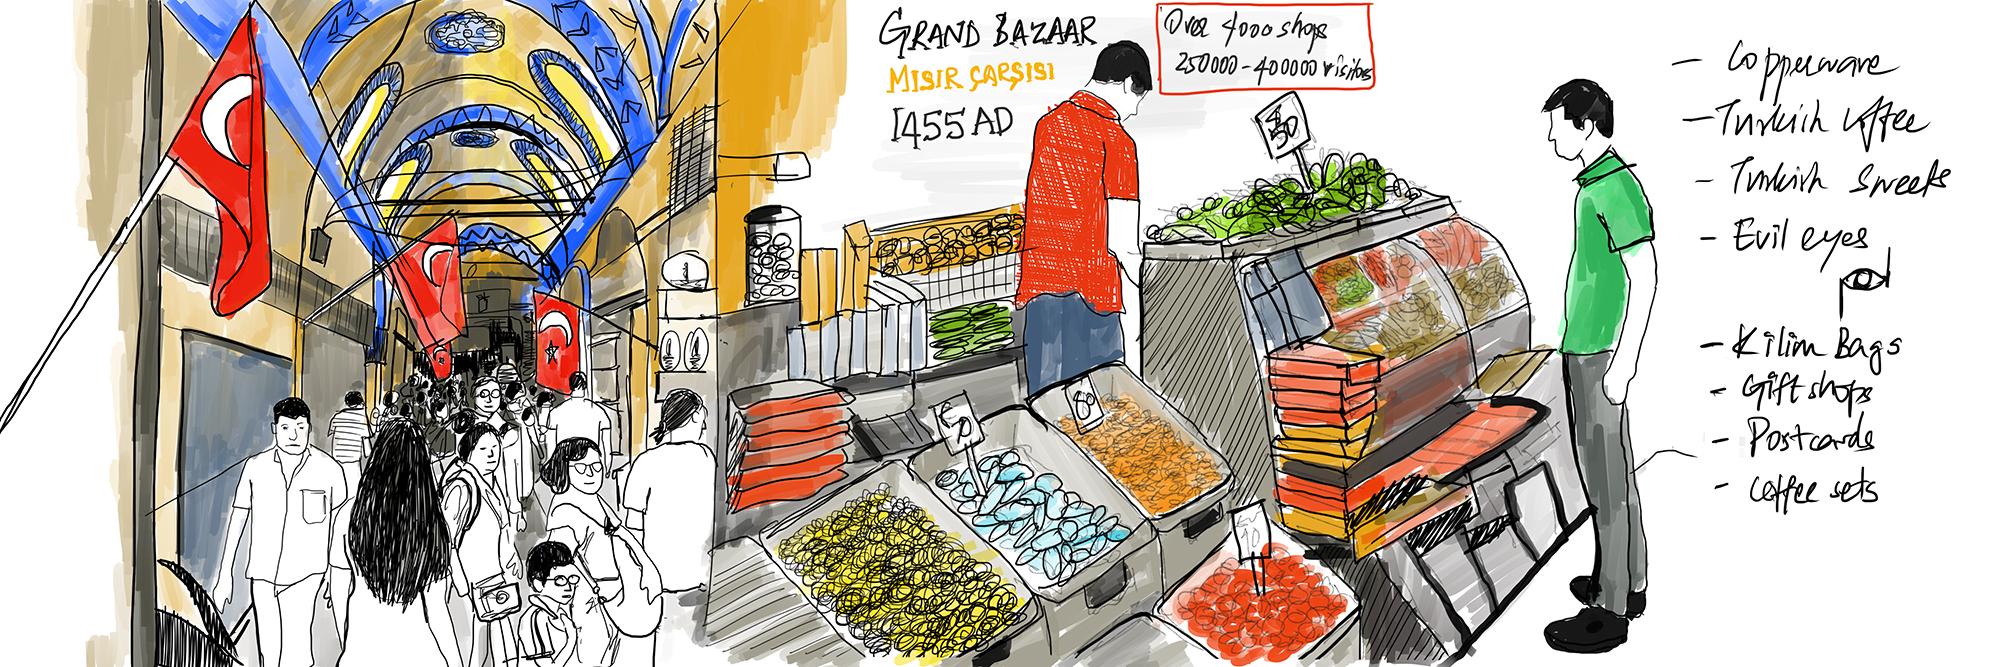 grand-bazaar-turkey.png